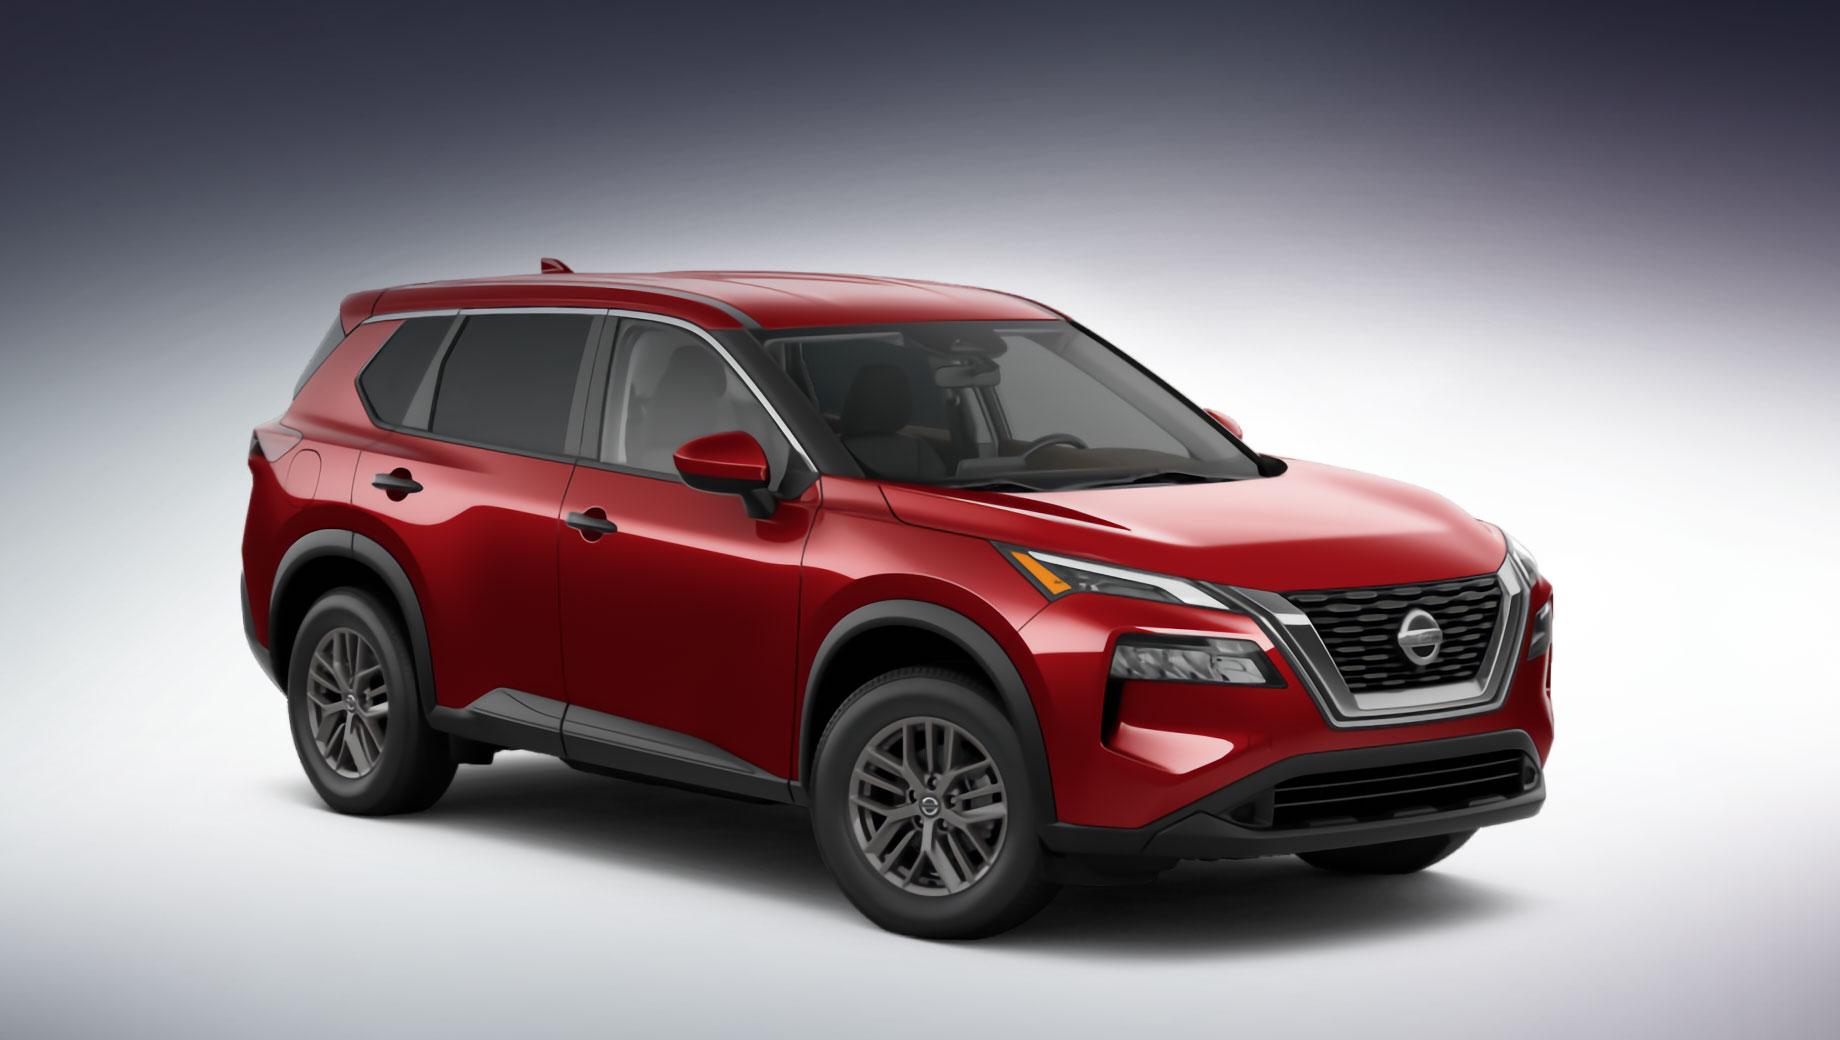 Nissan x-trail. Снаружи китайский Nissan X-Trail и североамериканский Rogue немного отличаются оформлением бамперов. Интерьер машины для Поднебесной не показан, но он едва ли будет сильно разниться от такового в Роуге.